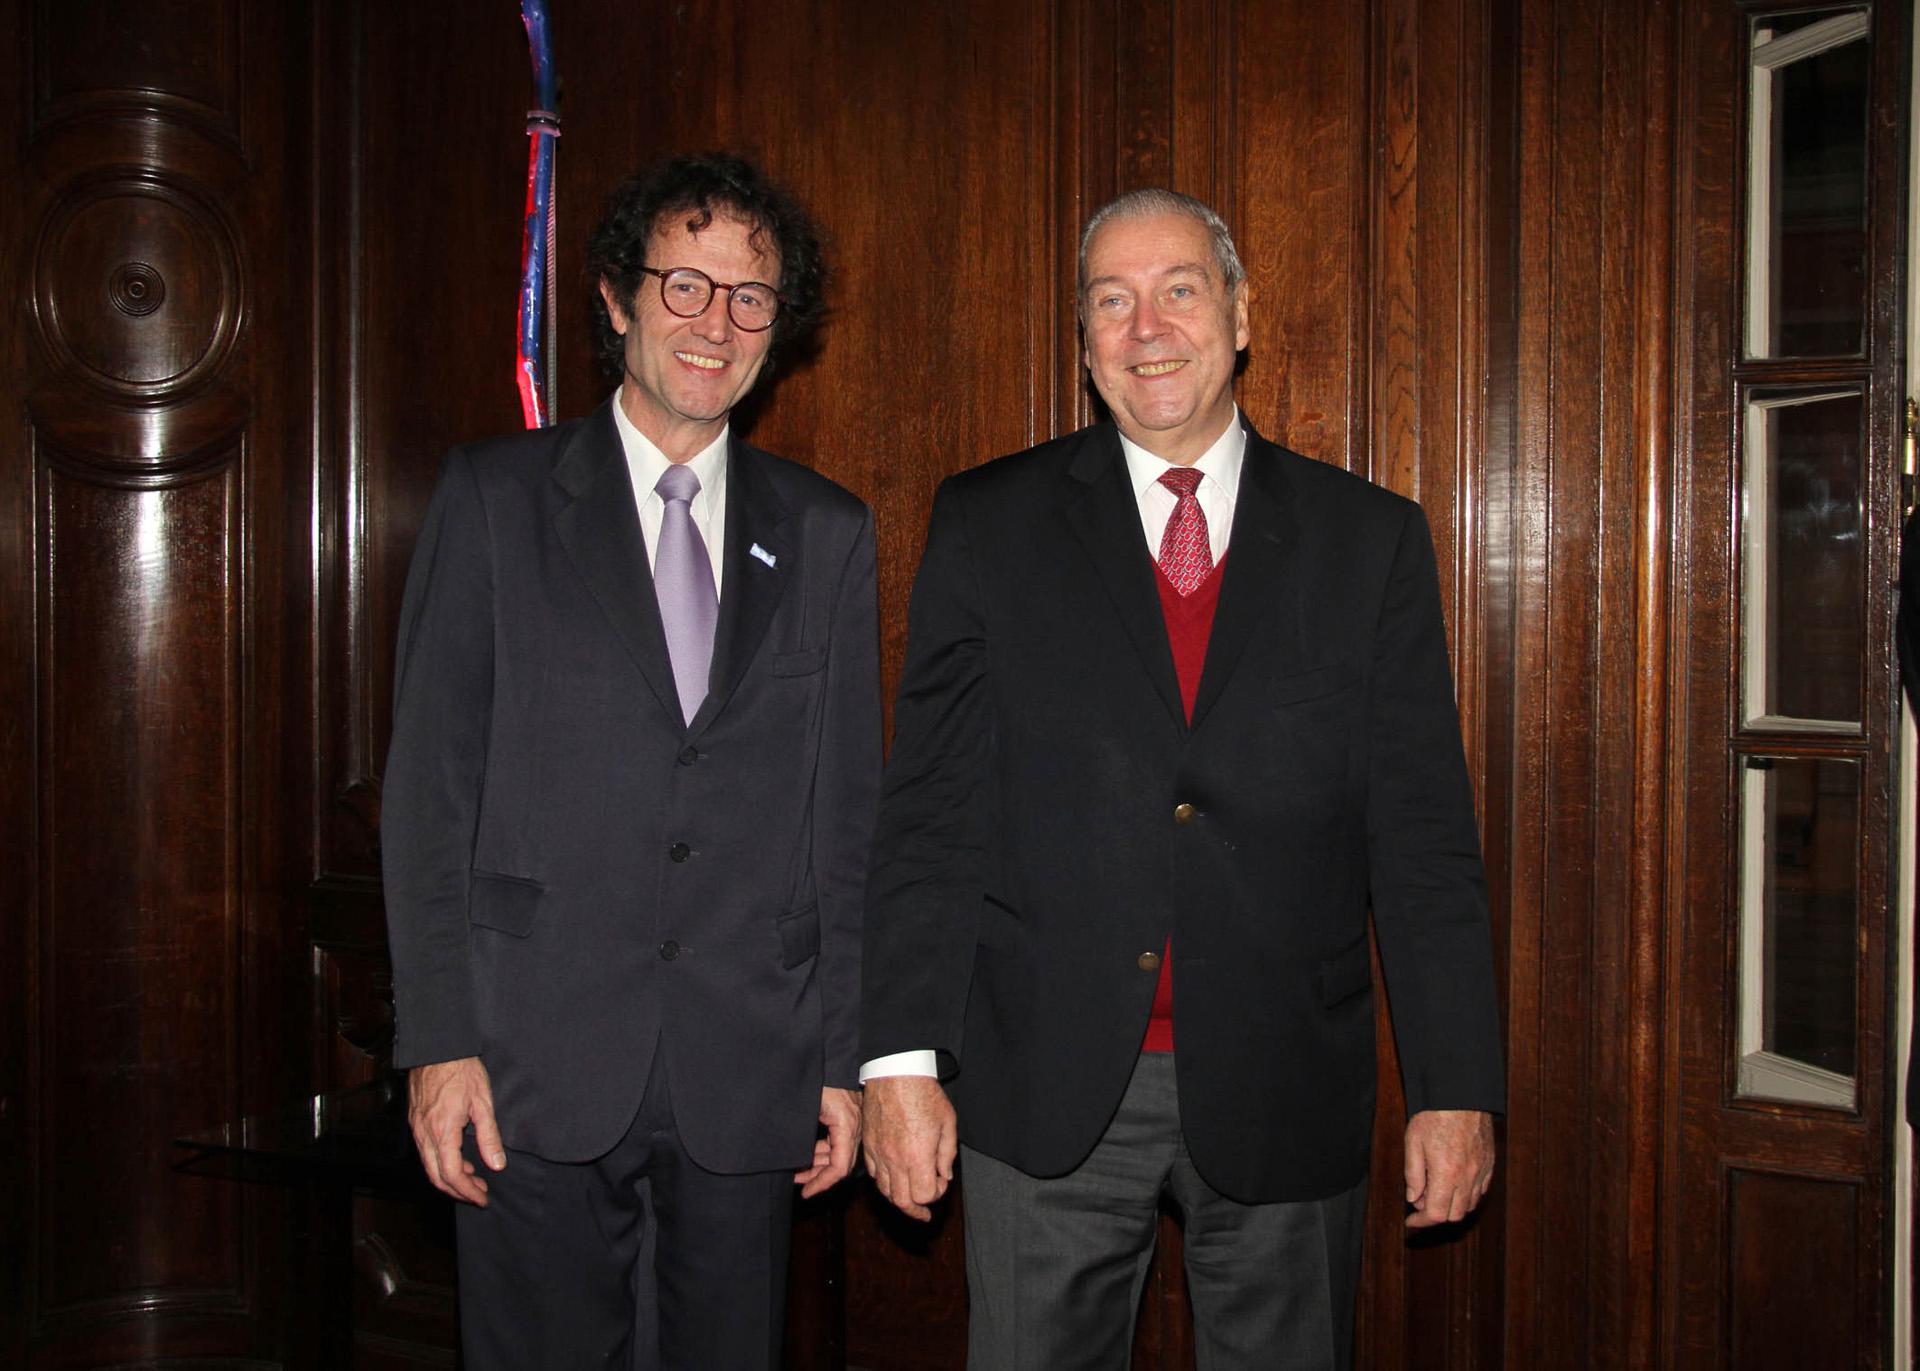 El secretario ejecutivo de la Fundación Kipp, Lucas Beccar Varela, junto al presidente de esa institución benéfica, Alejandro Carlos Kipp